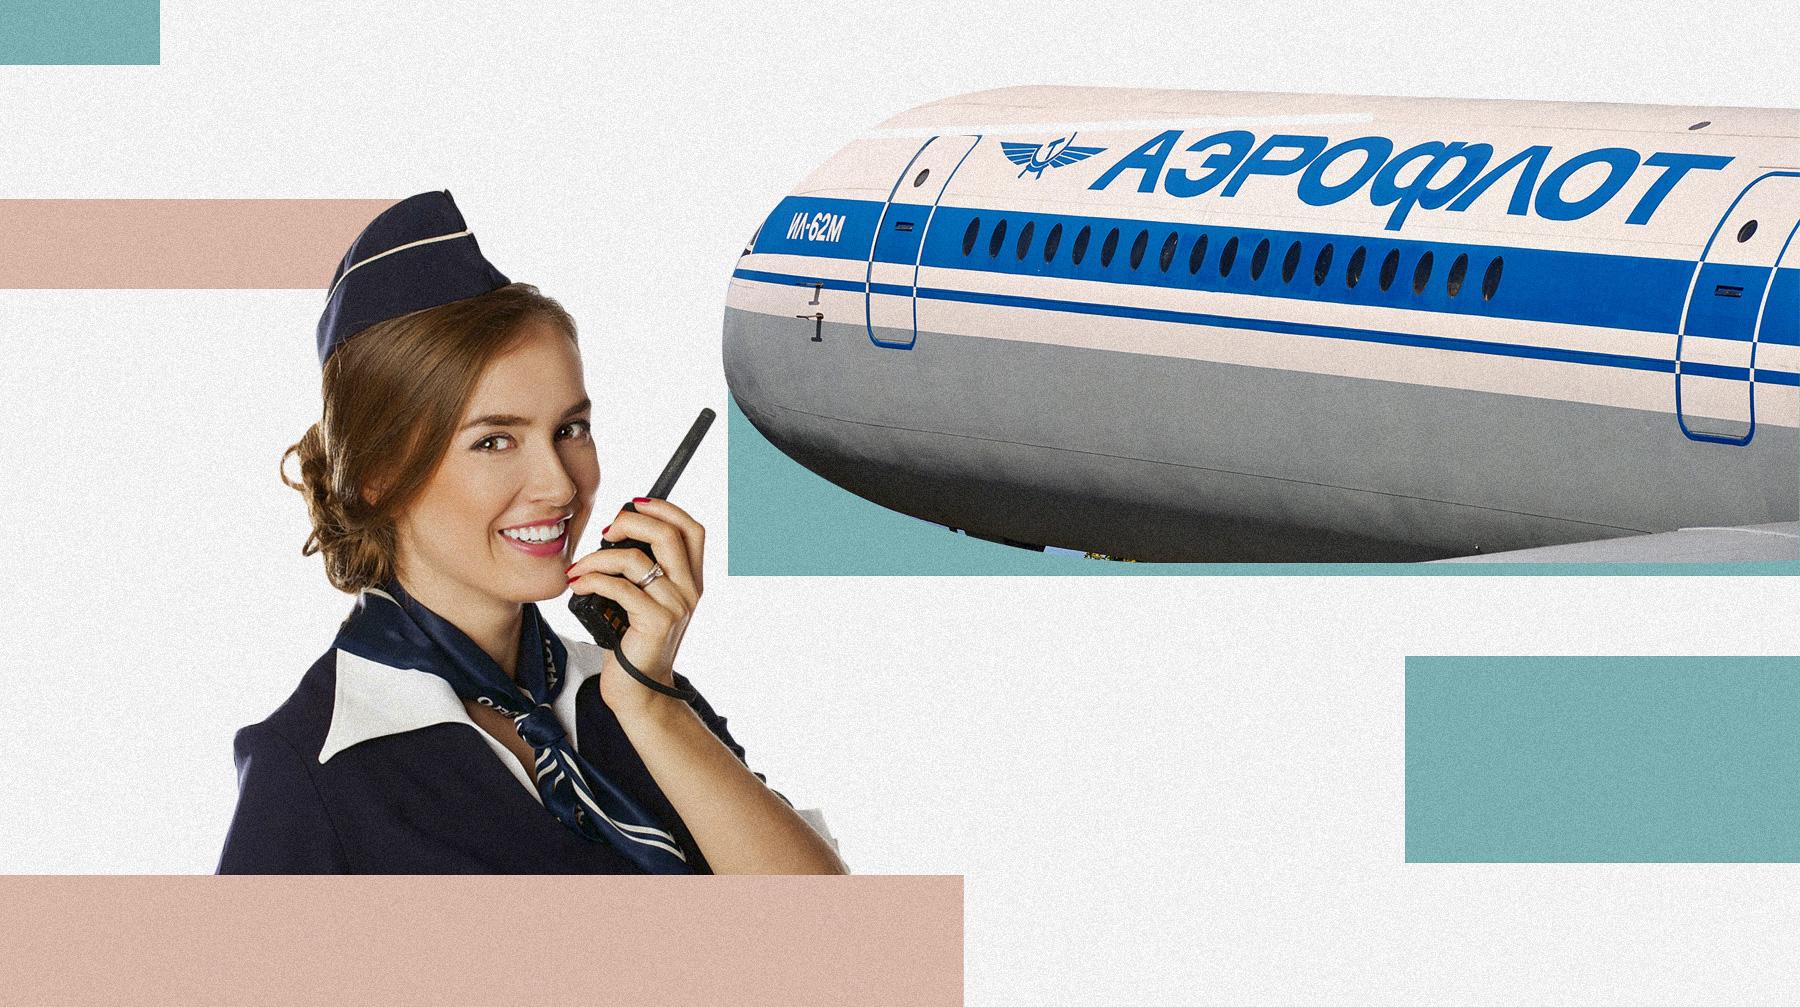 «Аэрофлот» снова увеличит топливный сбор на русских рейсах